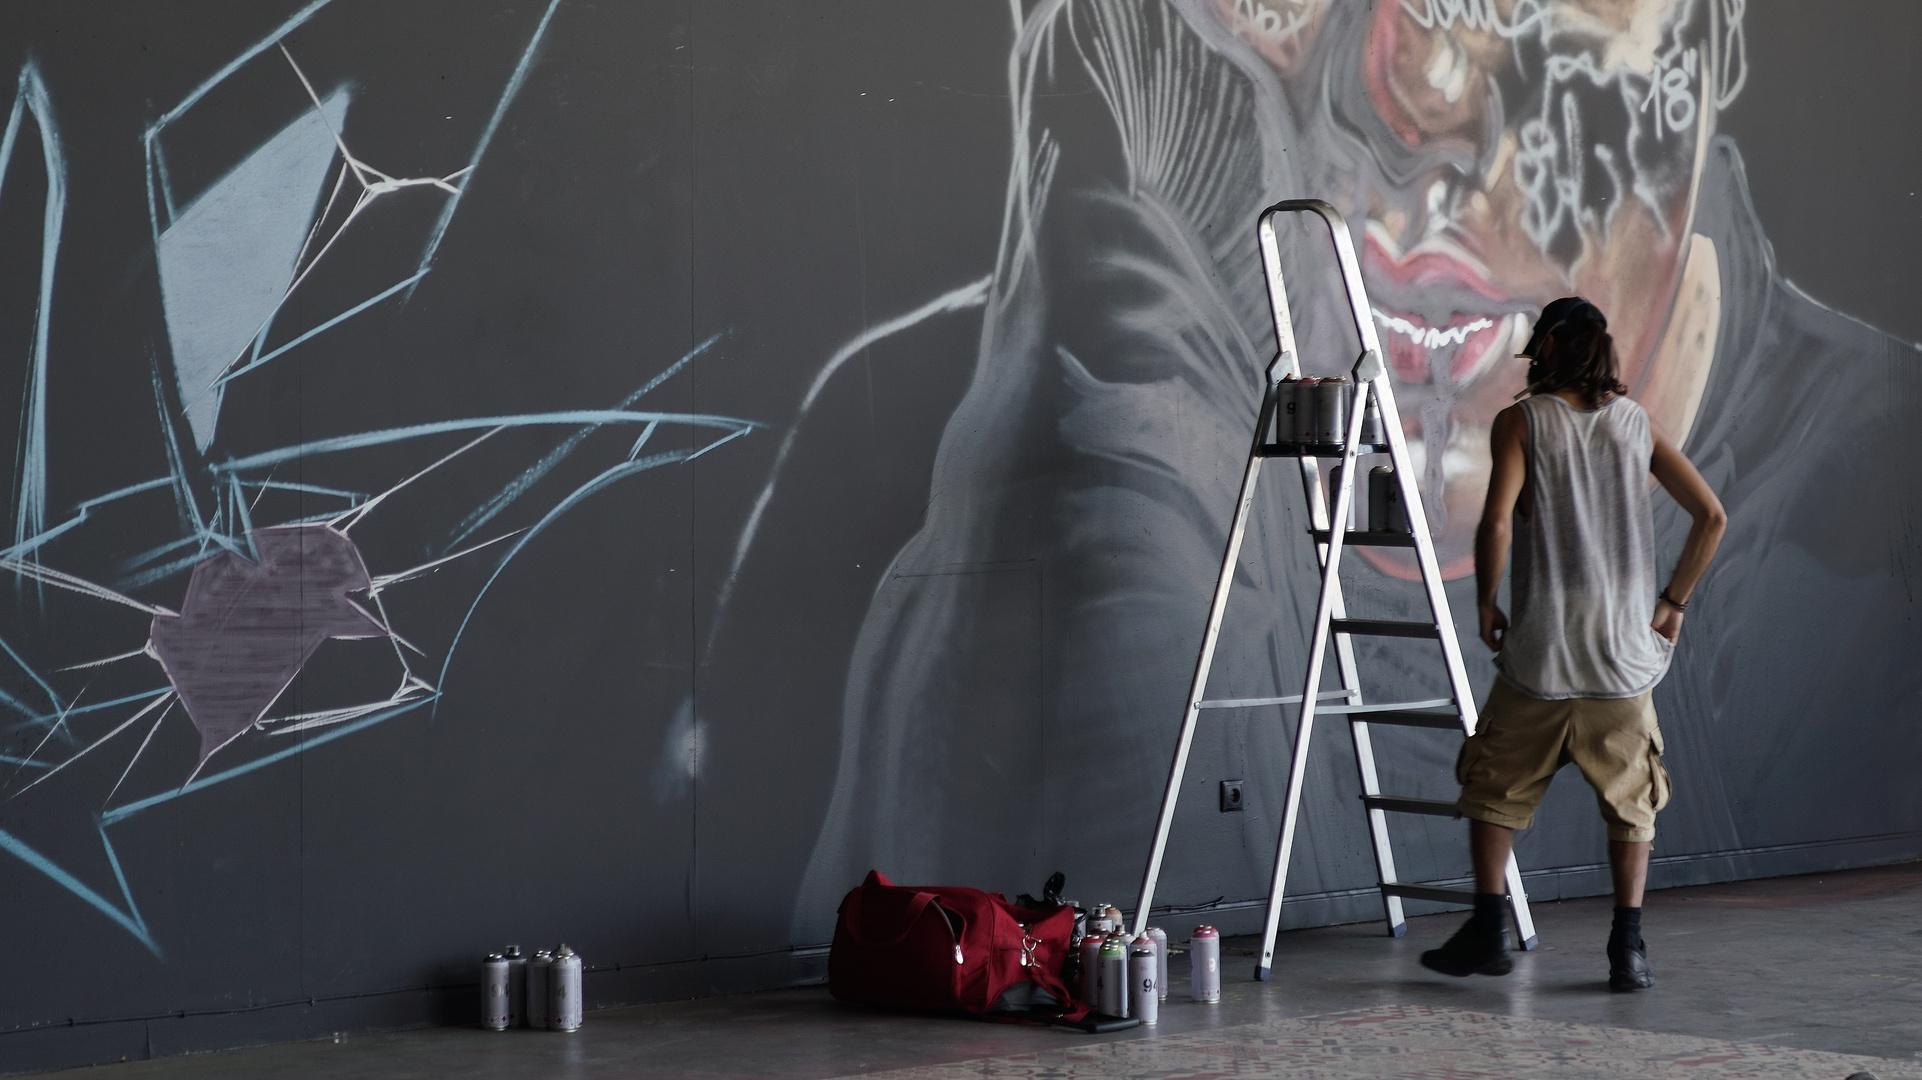 El pintor frente a su obra